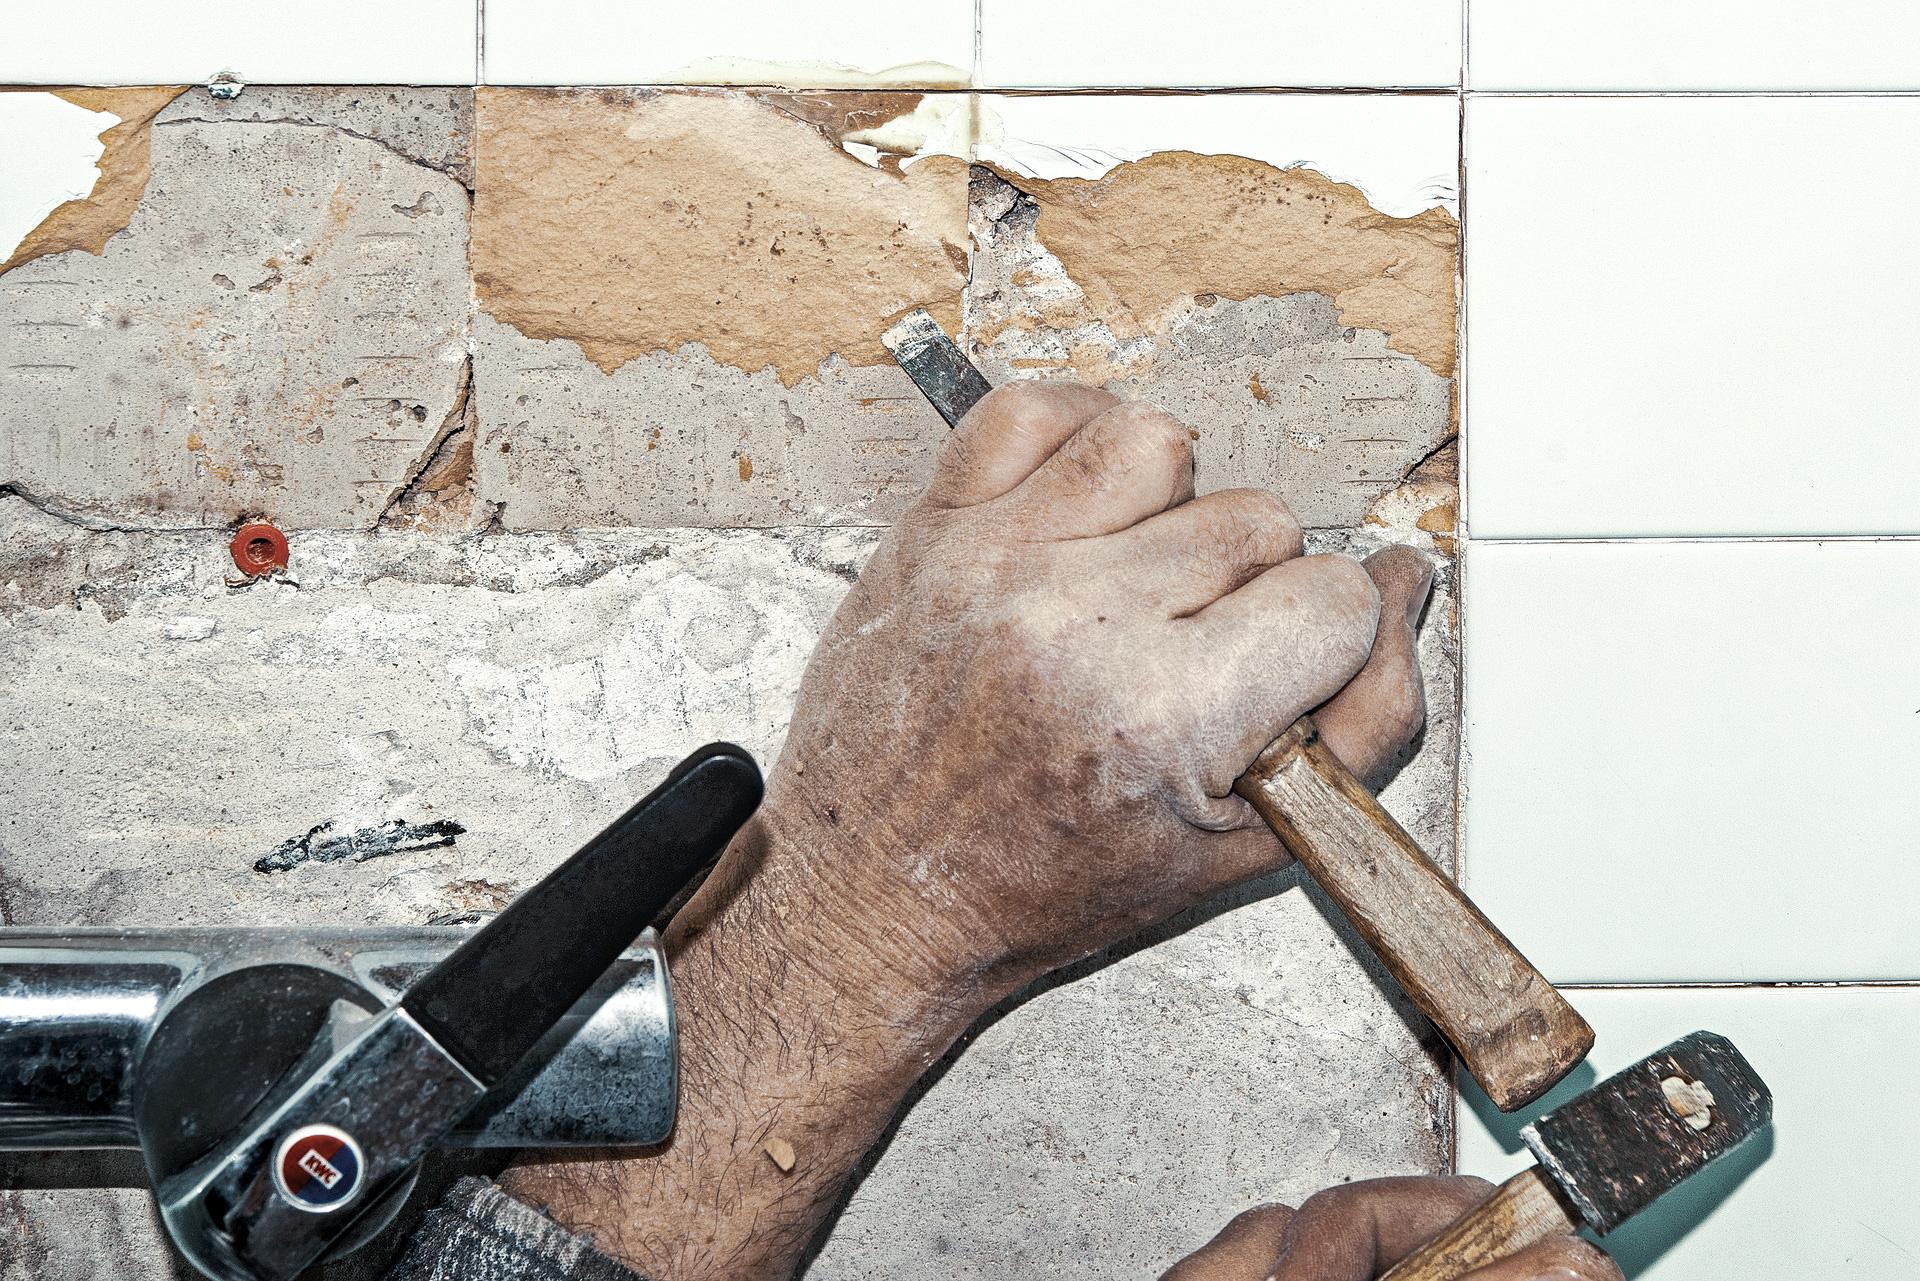 Bauteilöffnung – Rechte und Pflichten von Sachverständigen im Lichte aktueller Rechtsprechung - Foto: Siala / Pixabay